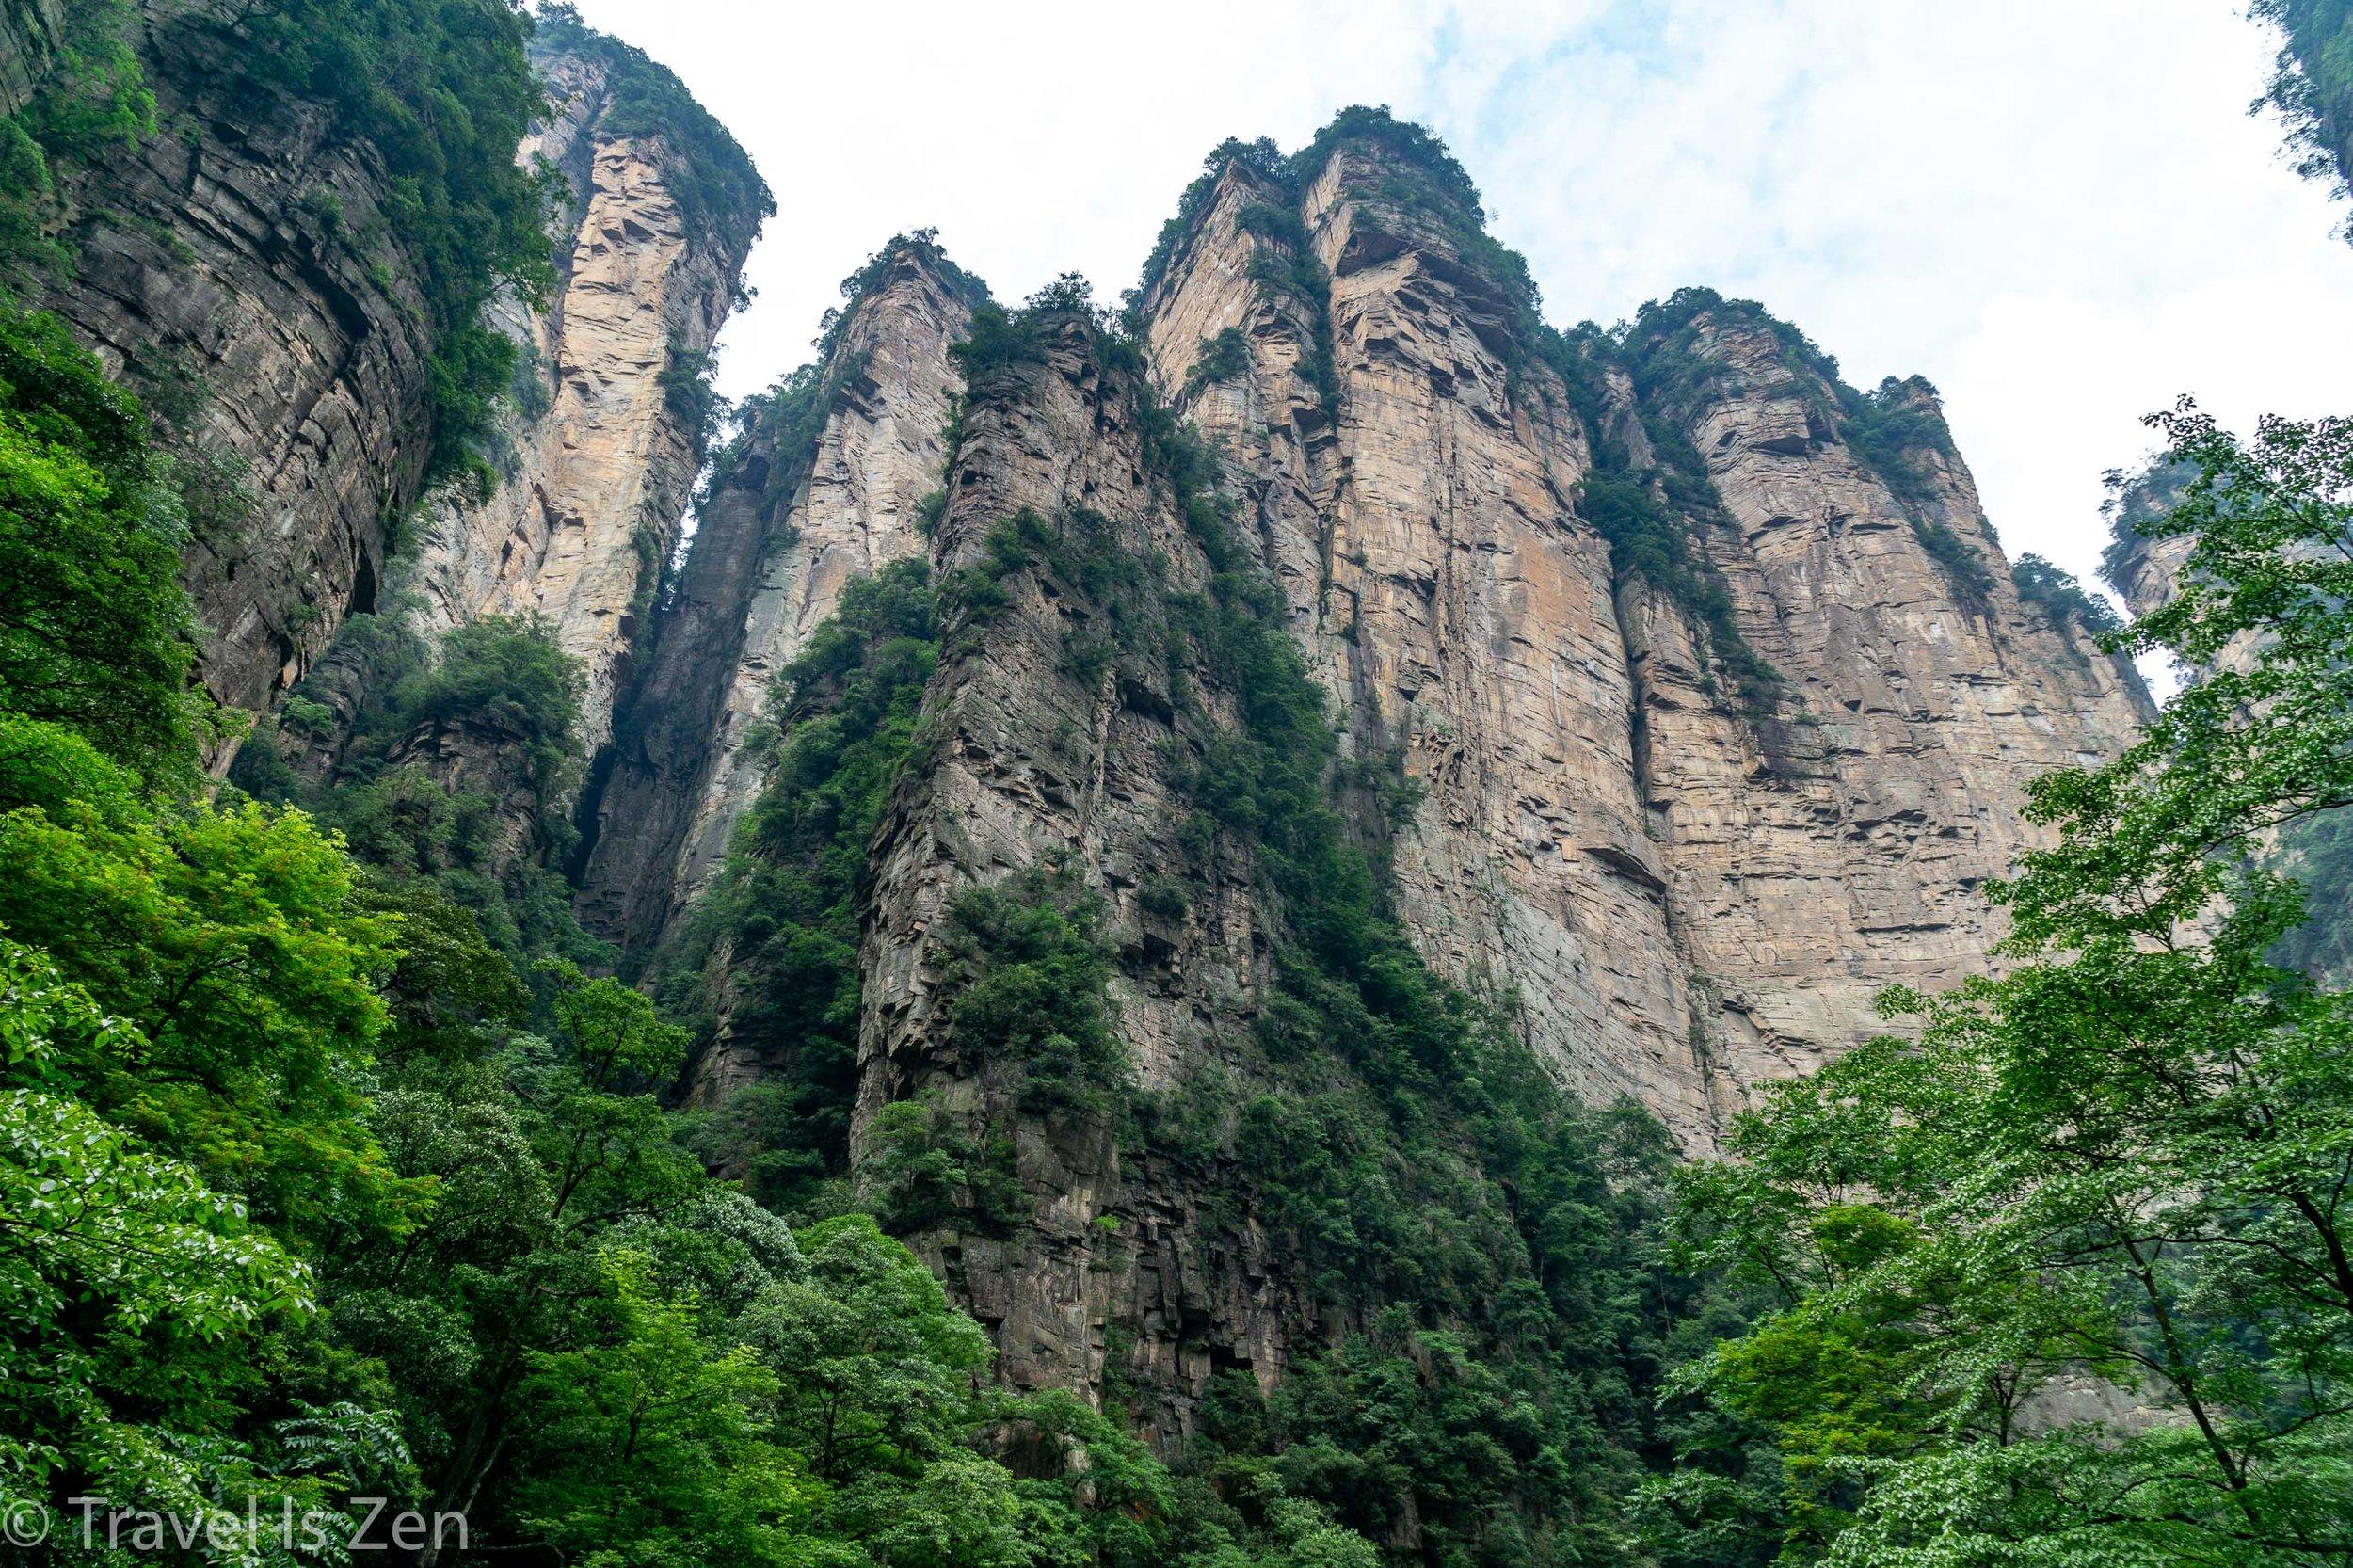 Zhangjiajie 张家界 National Park